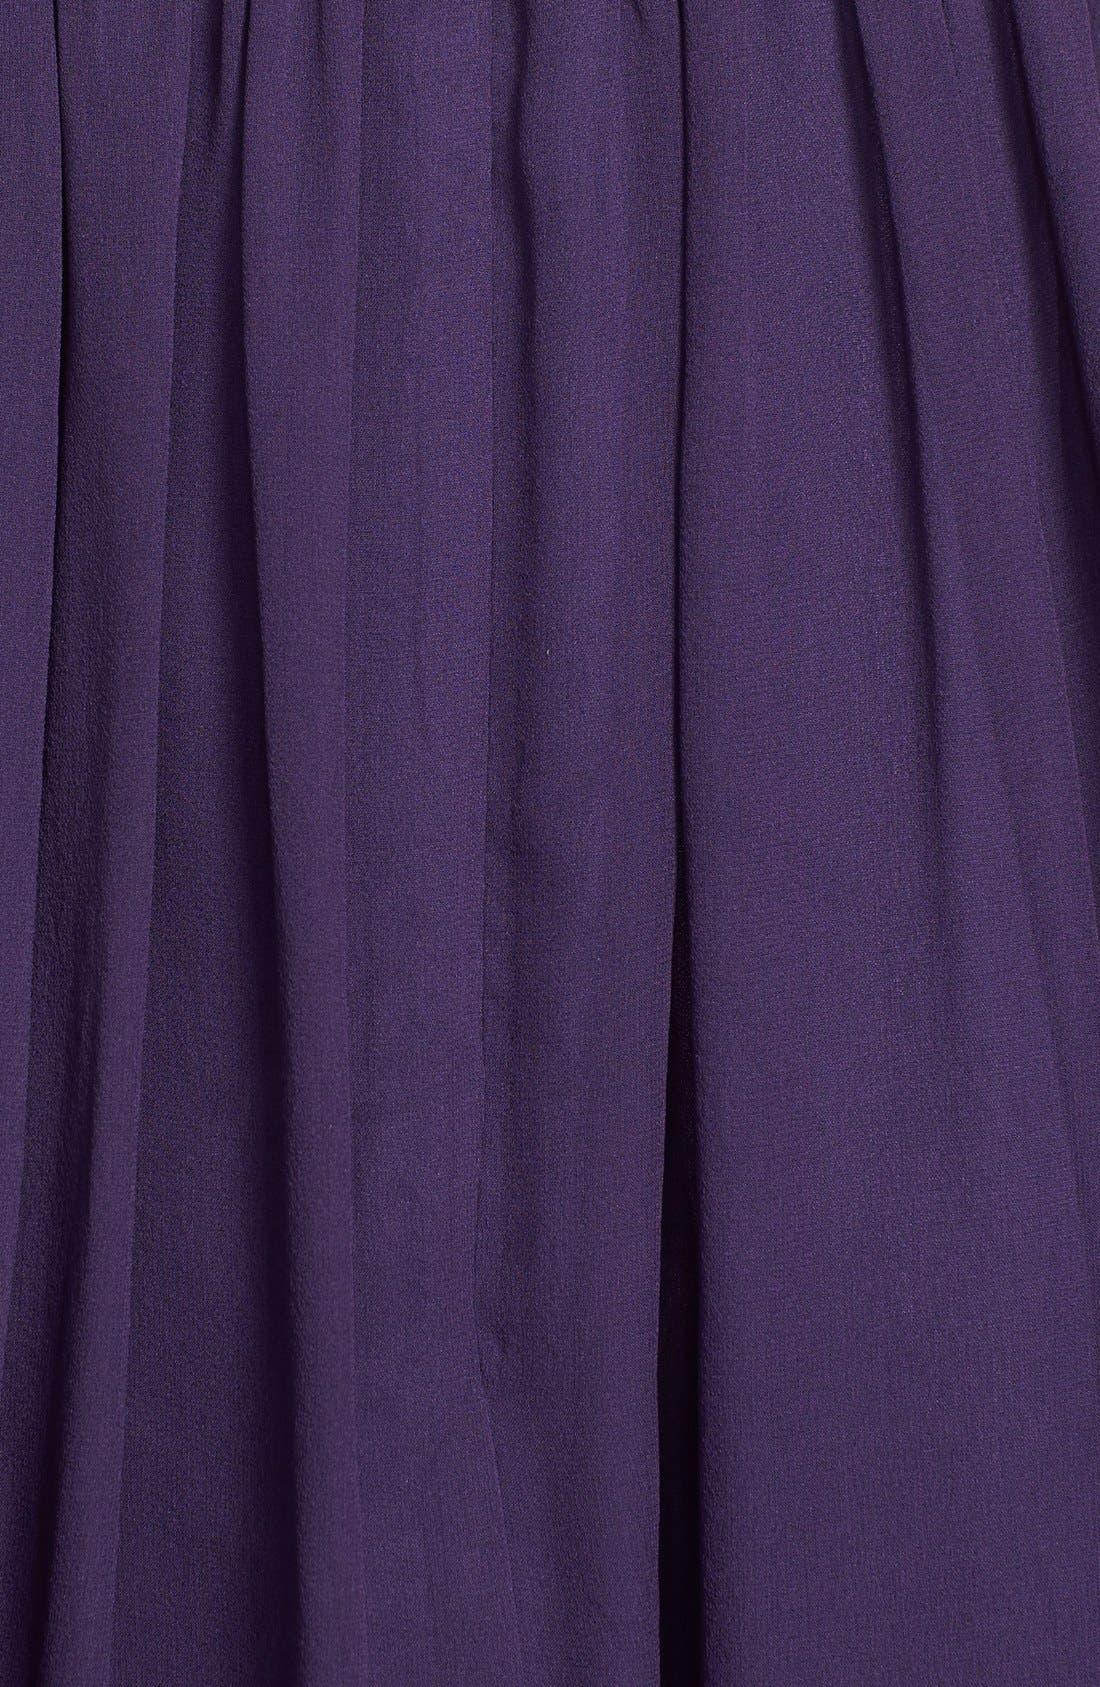 'Morgan' Strapless Silk Chiffon Dress,                             Main thumbnail 22, color,